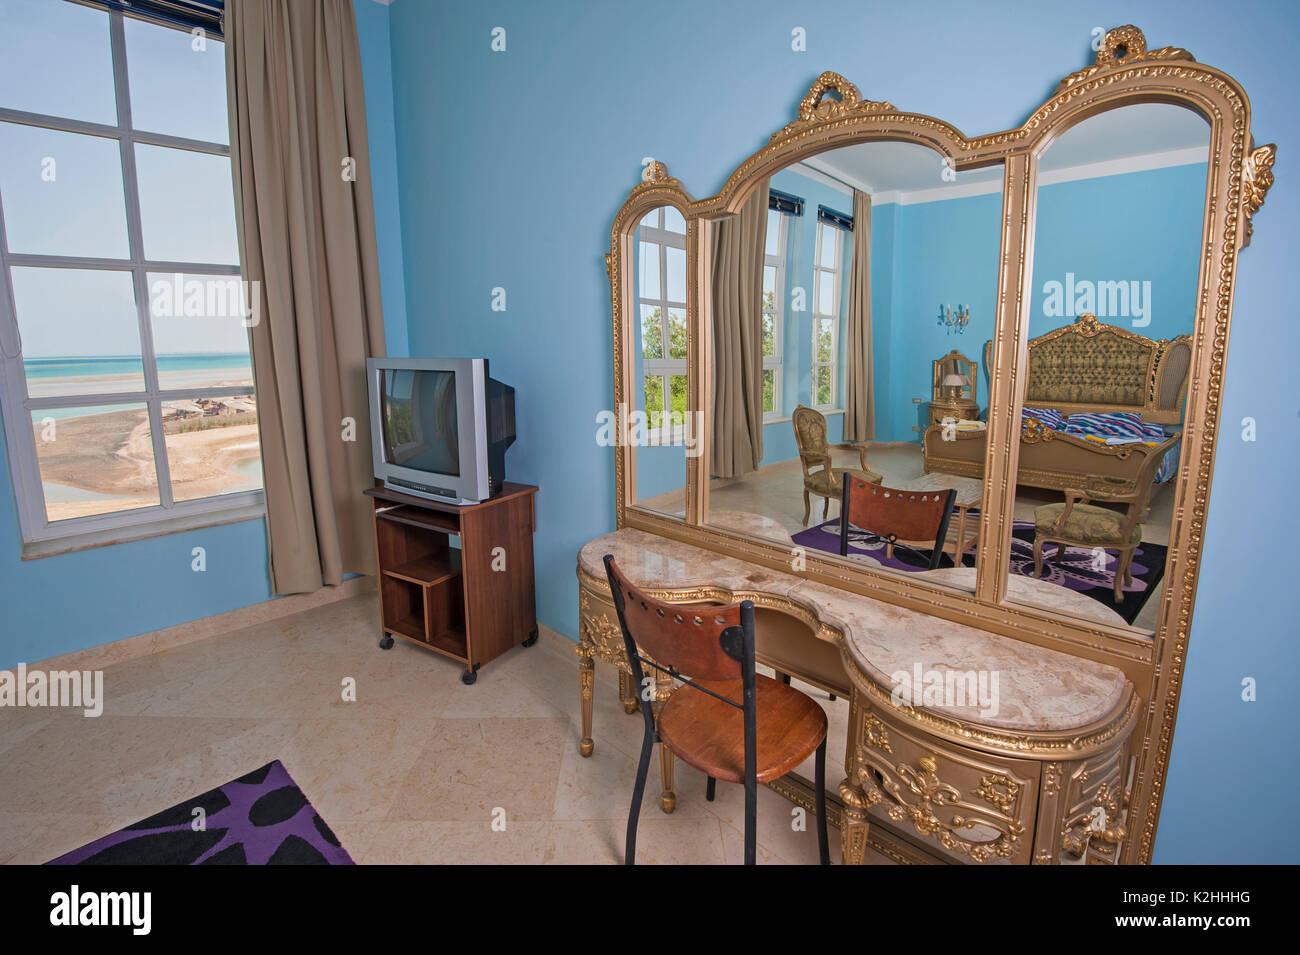 Interior Design Einrichtung Einrichtung Von Luxus Zeigen Home Schlafzimmer  Mit Tropischen Meerblick Mit Verzierten Stockbild